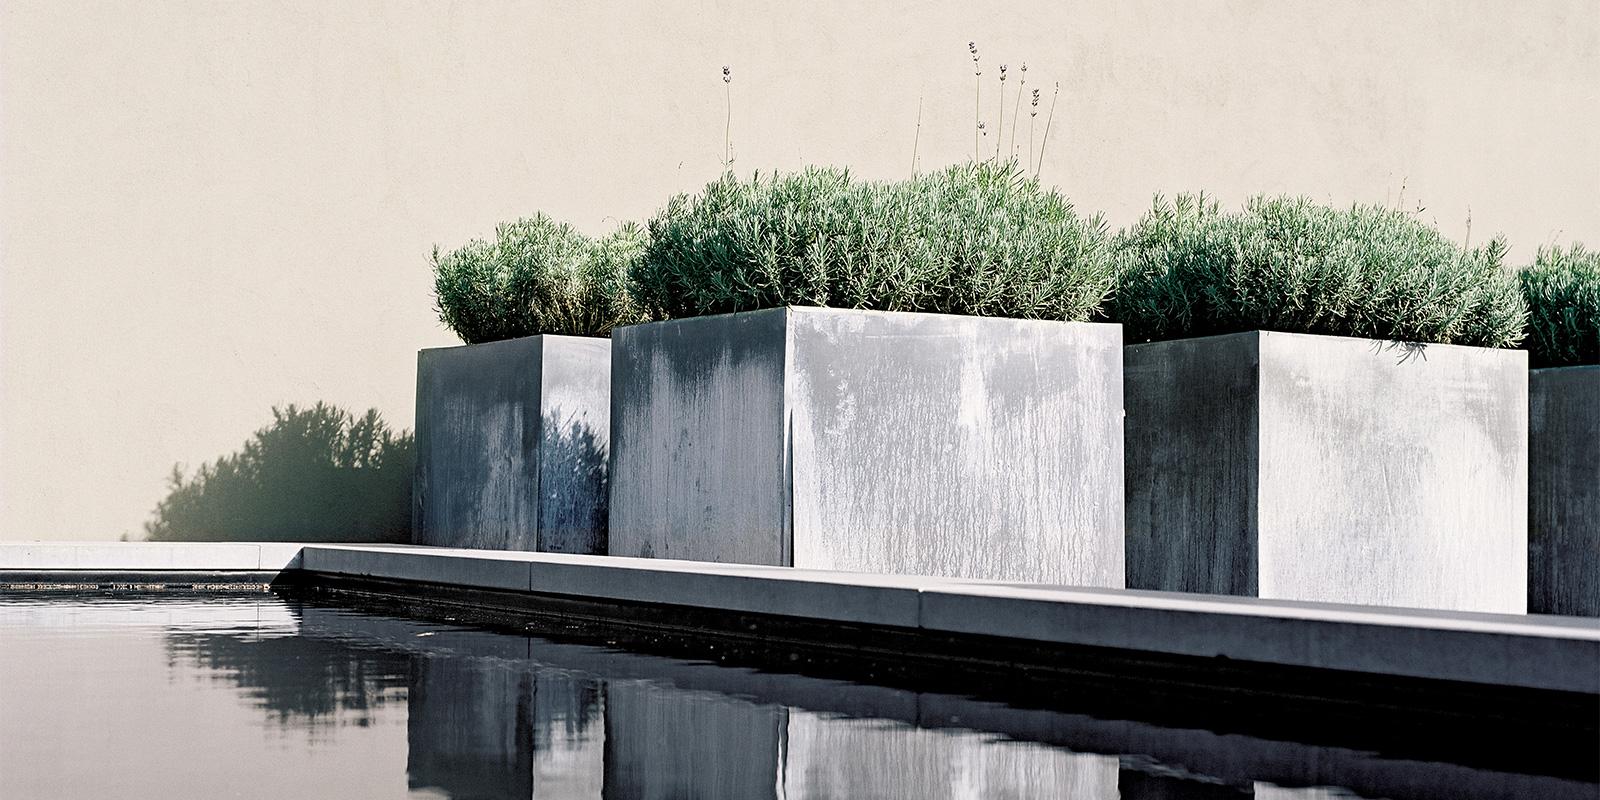 minimalistische tuinarchitectuur, koster, dick beijer, minimalisme, strak, modern